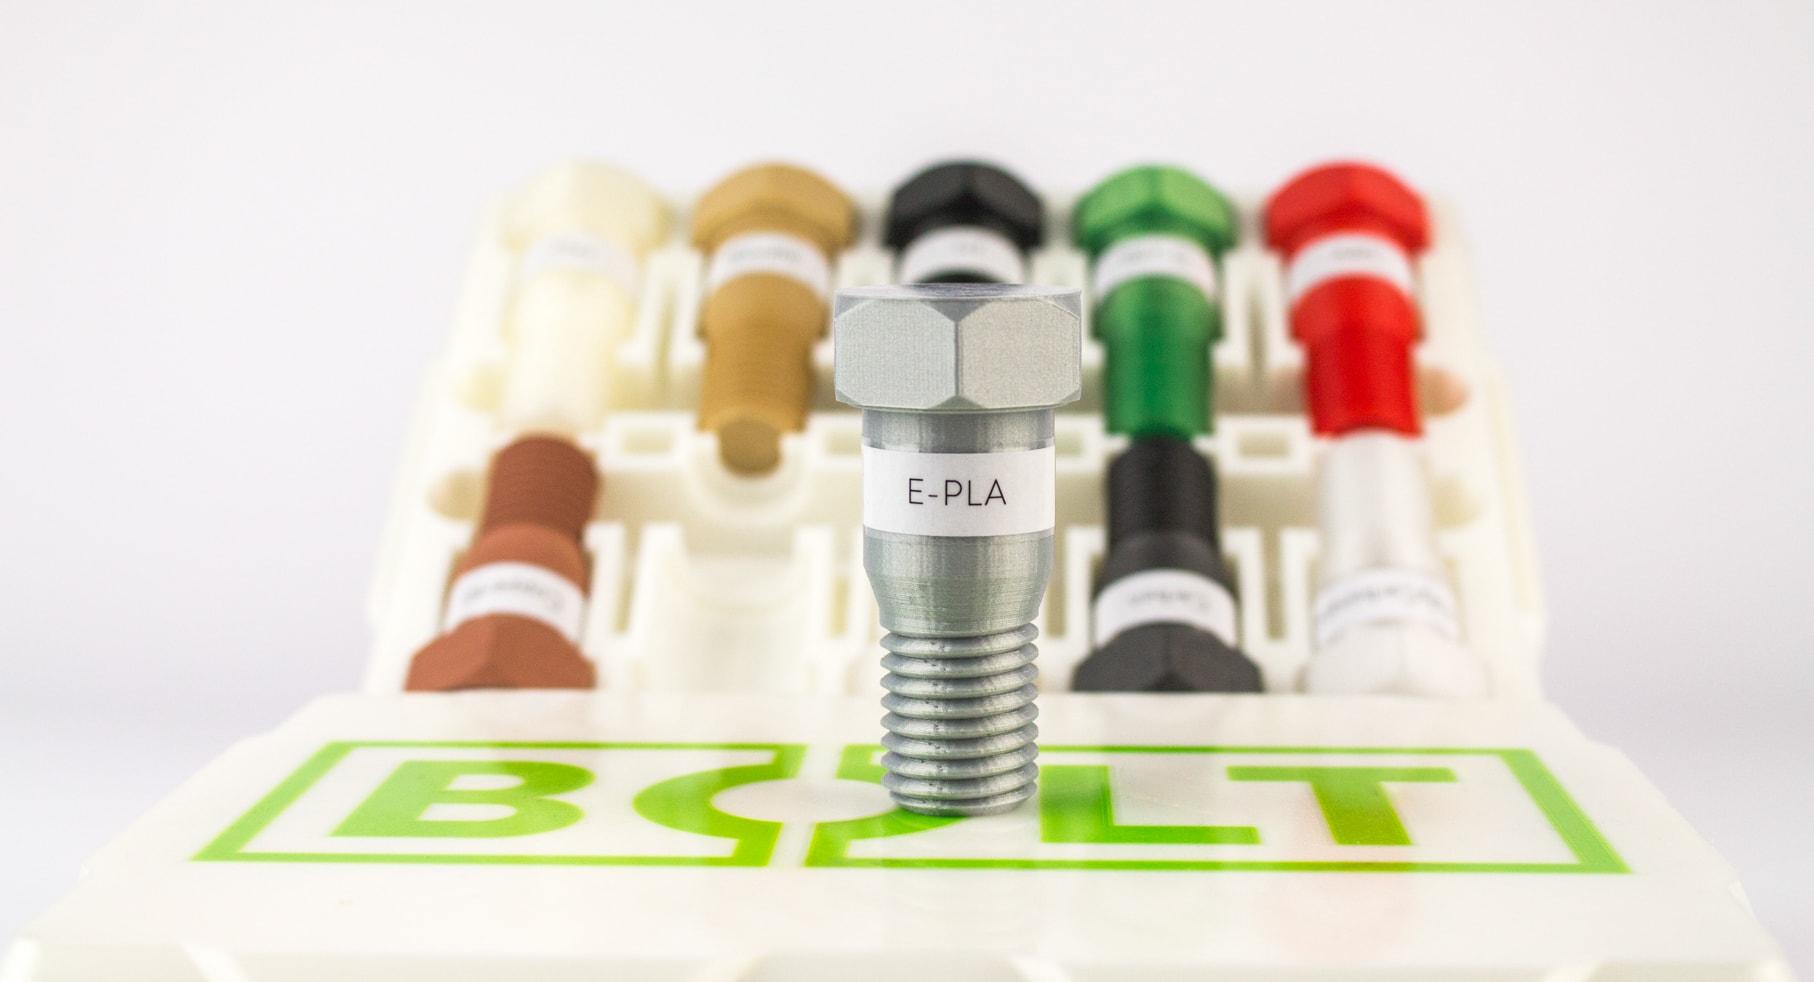 Leapfrog, E-PLA filament, 3D printing